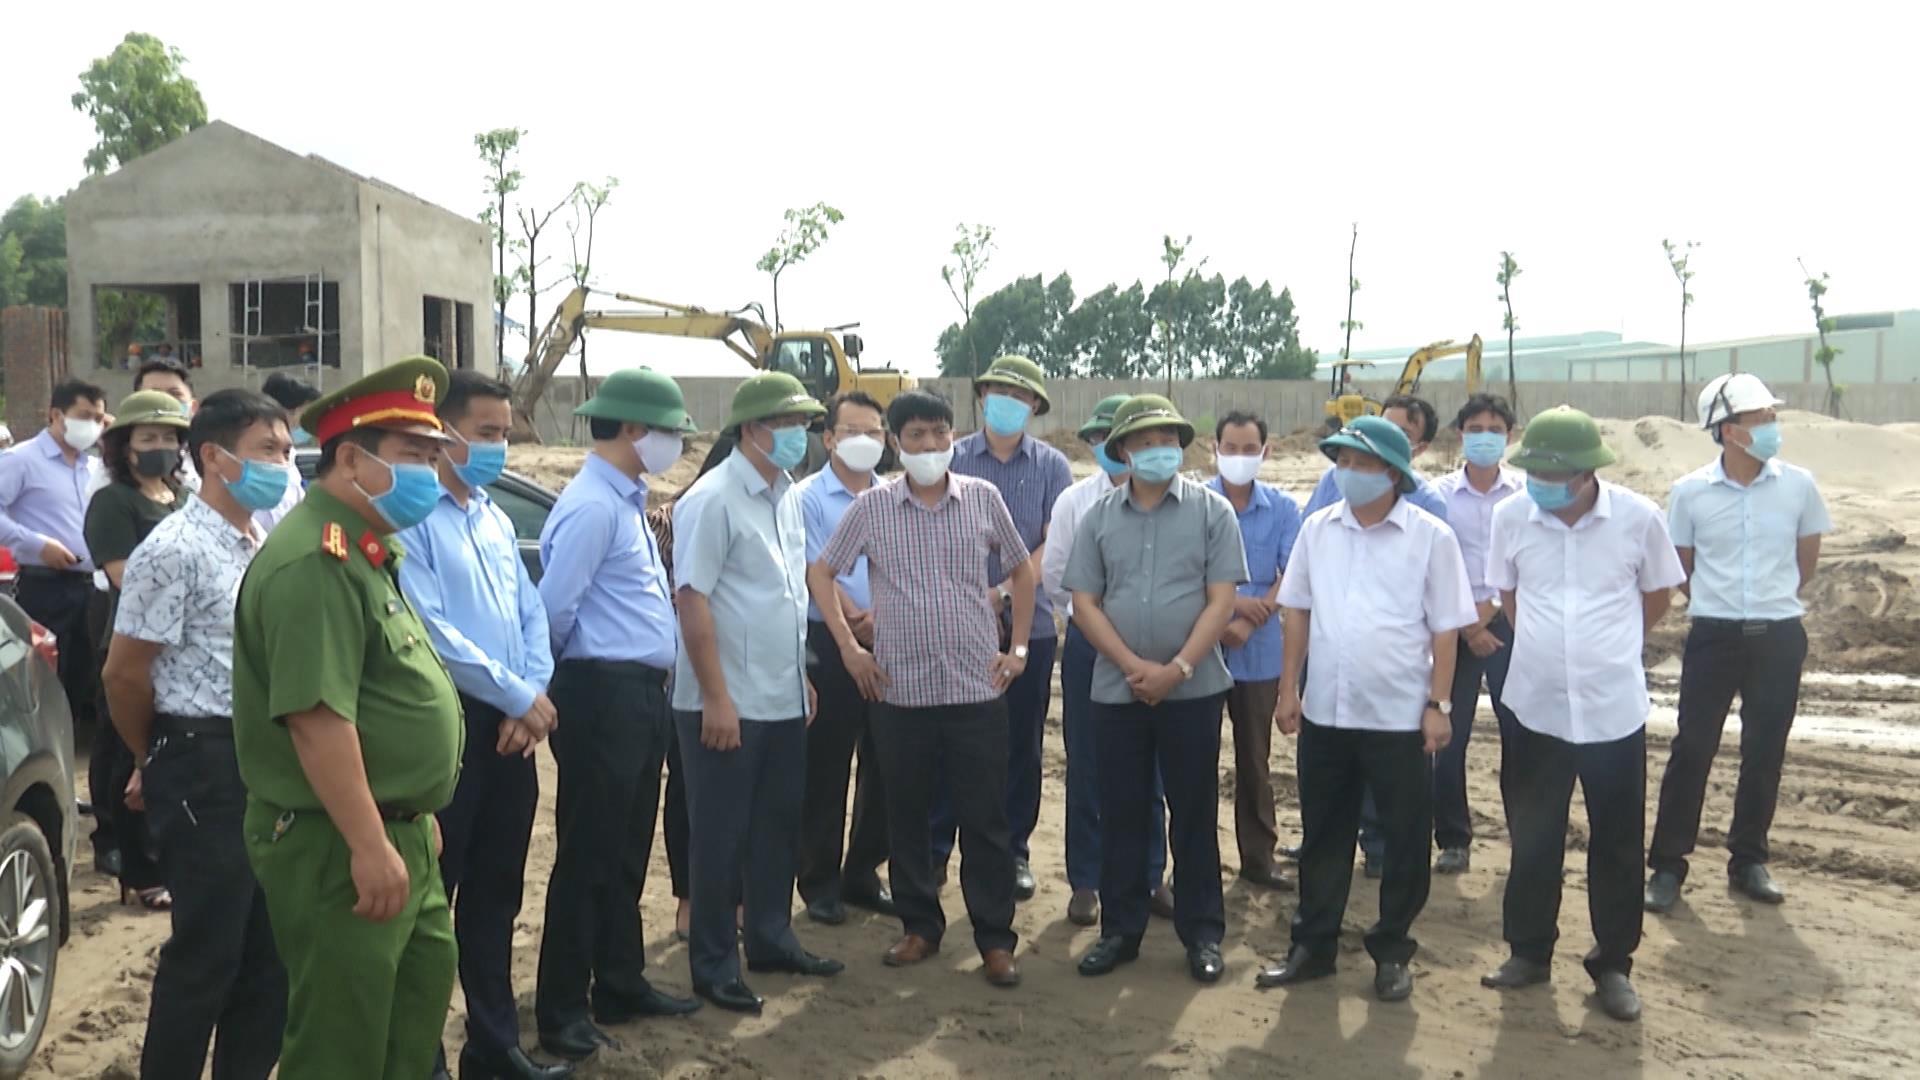 Lãnh đạo tỉnh kiểm tra tiến độ Nhà máy xử lý chất thải rắn công nghệ cao phát năng lượng tại huyện Quế Võ